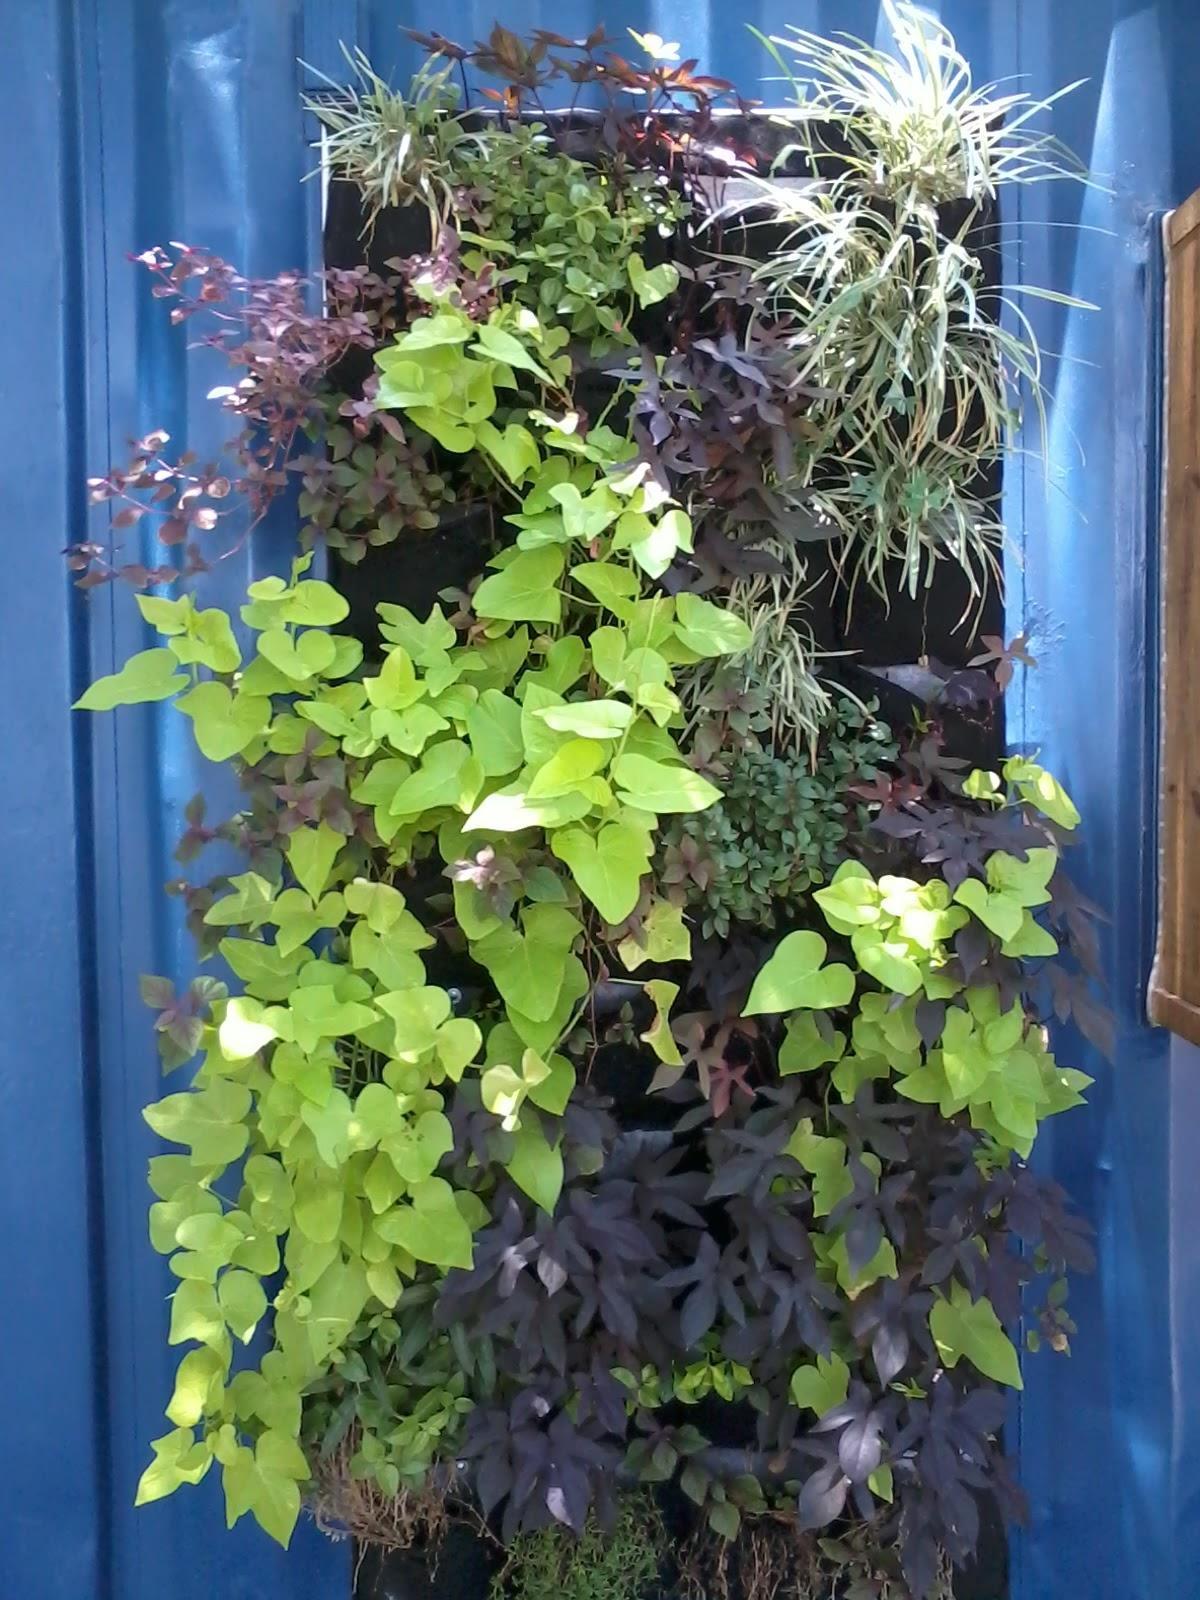 Eco tienda de conveniencia jardin vertical y reuso de for Como se hace un jardin vertical